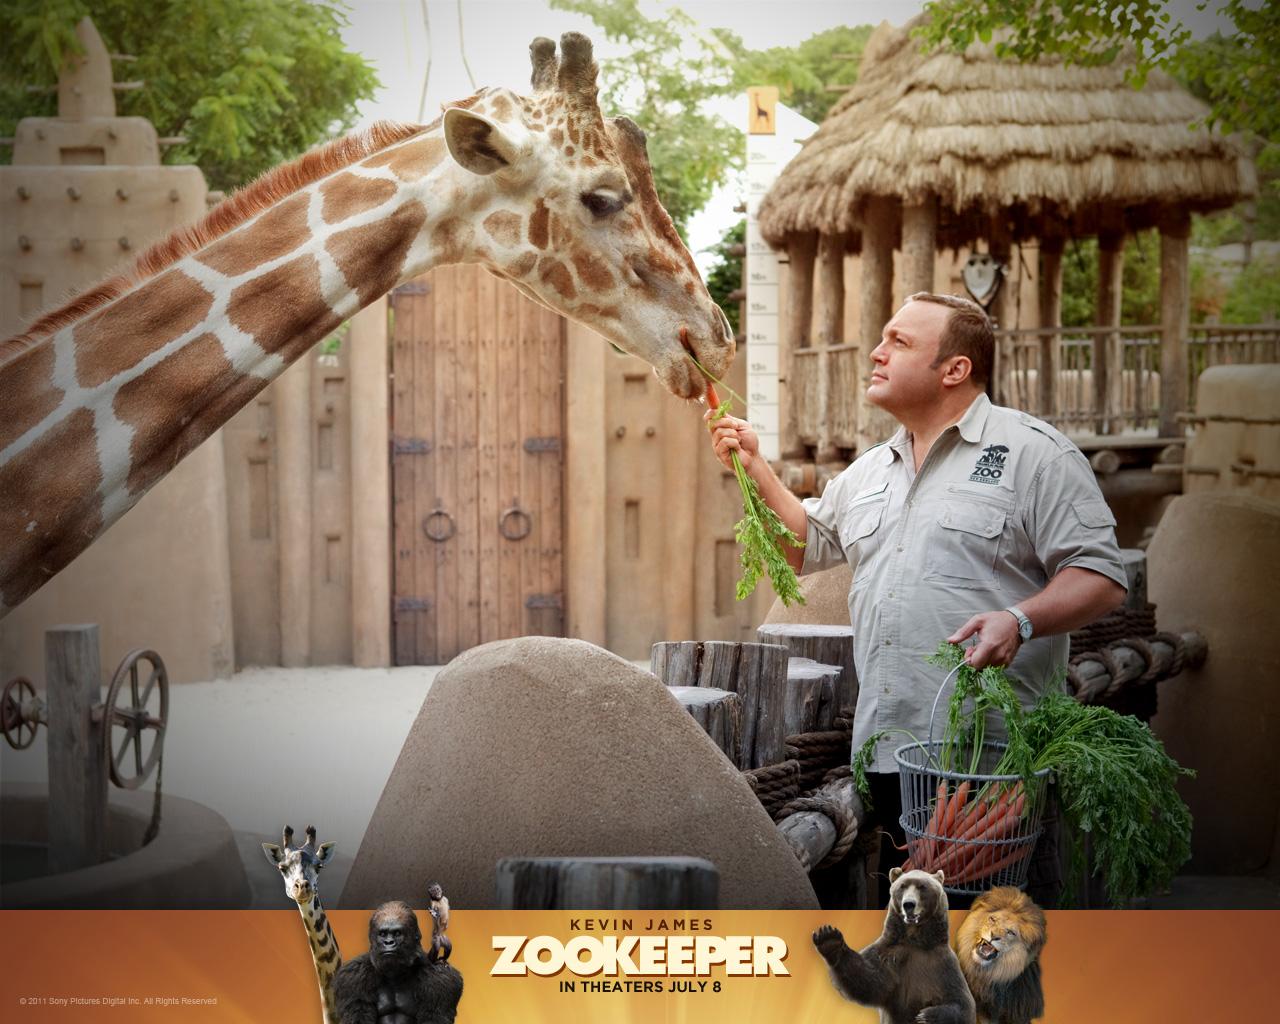 Zookeeper Movie Wallpaper 2011 | Cute Girls Celebrity ...